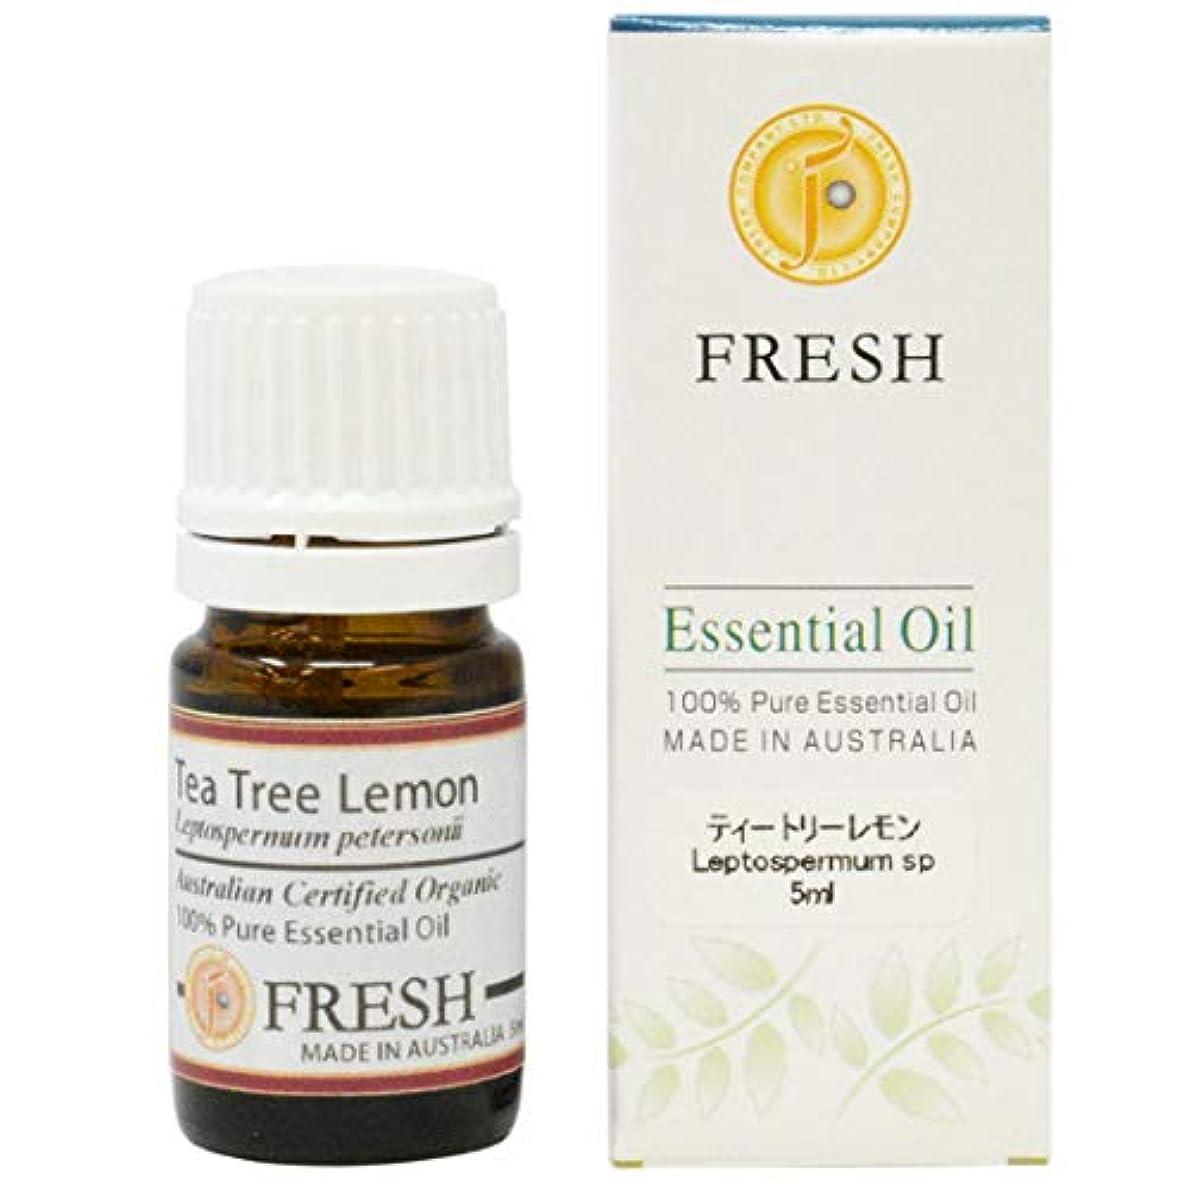 教会統治可能湖FRESH オーガニック エッセンシャルオイル ティートリーレモン 5ml (FRESH 精油)